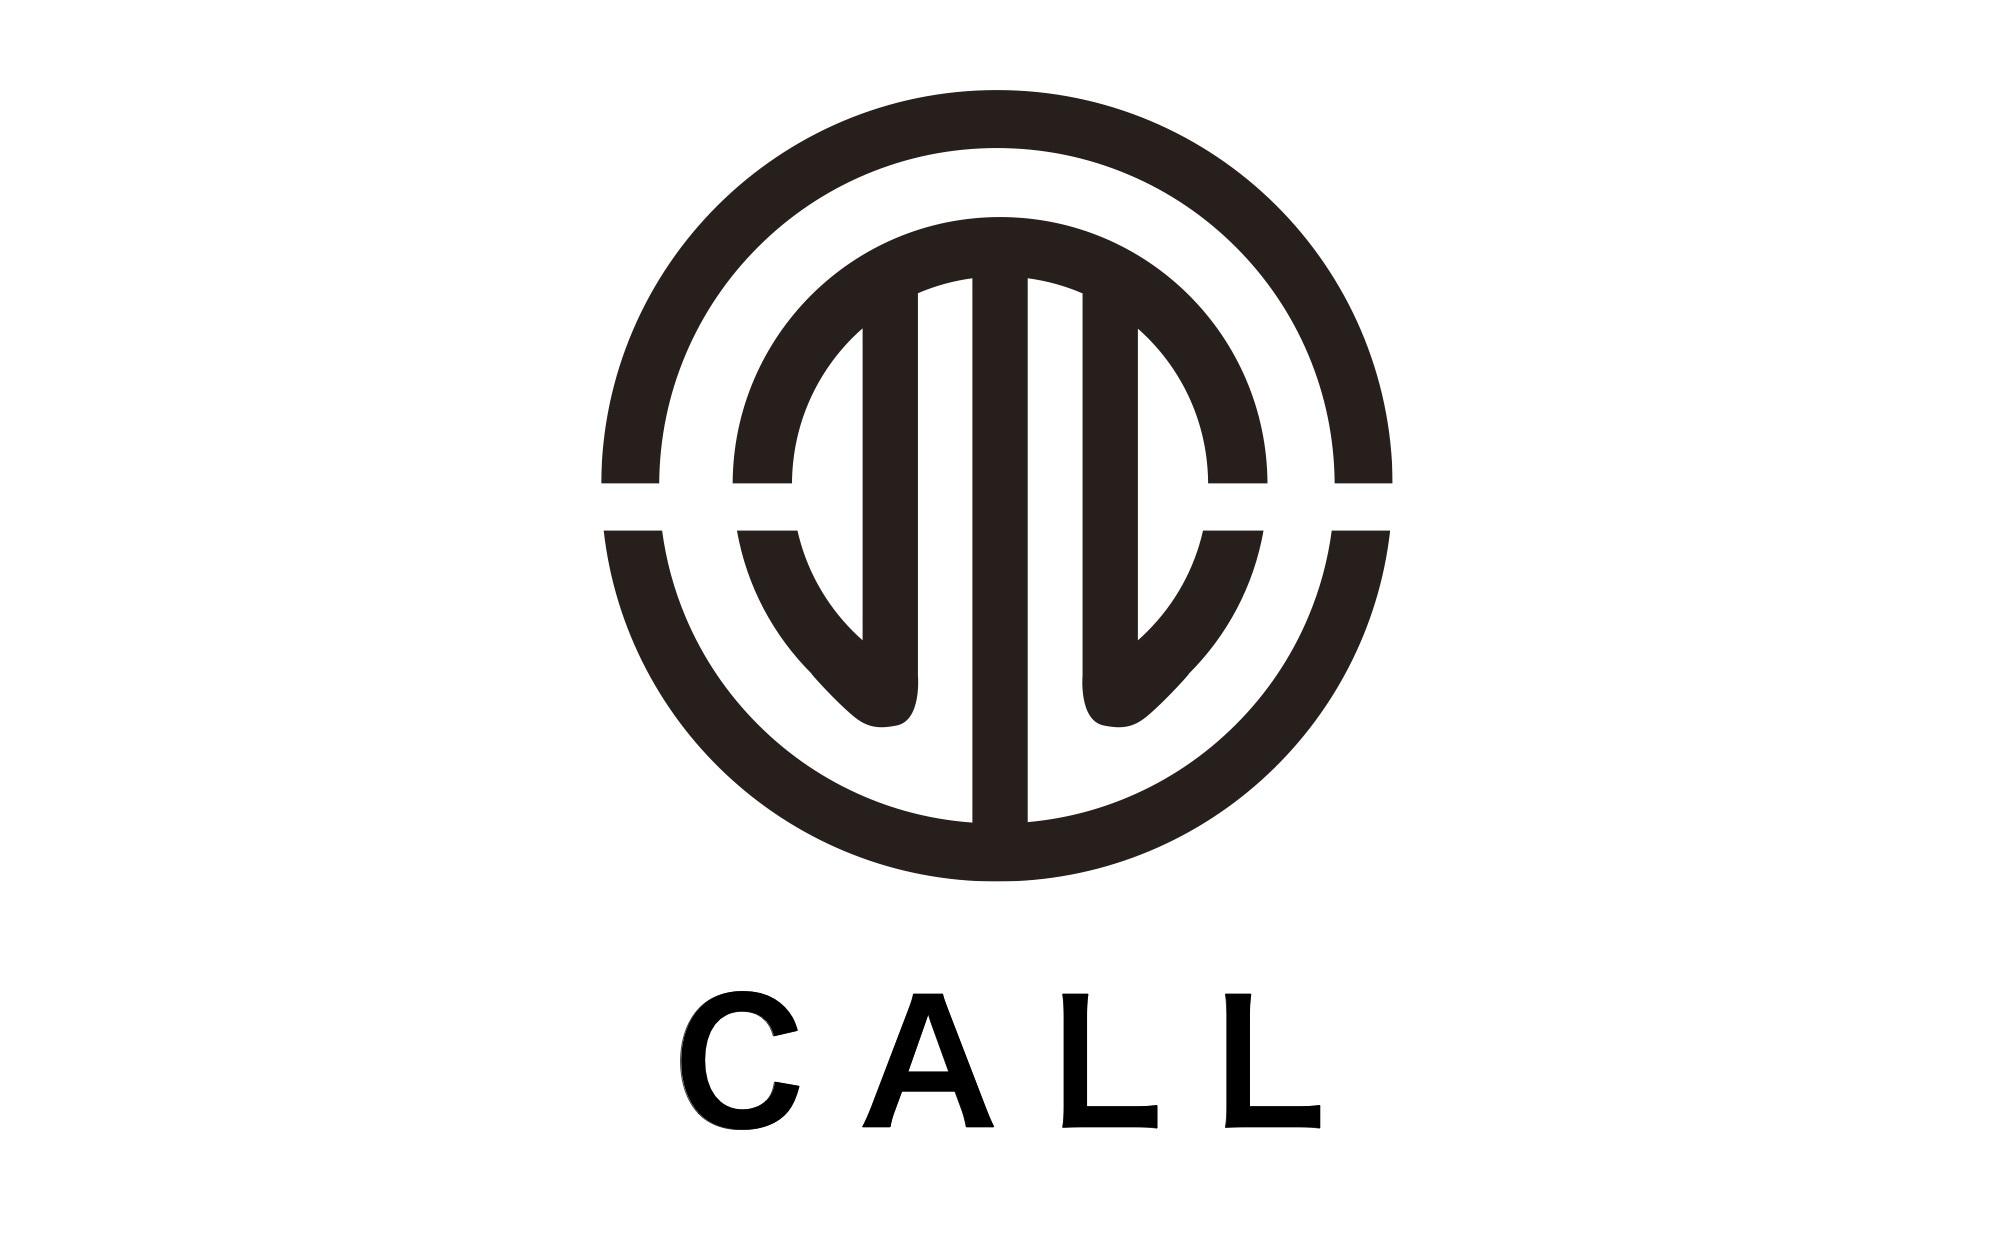 巧流-call-【コール】